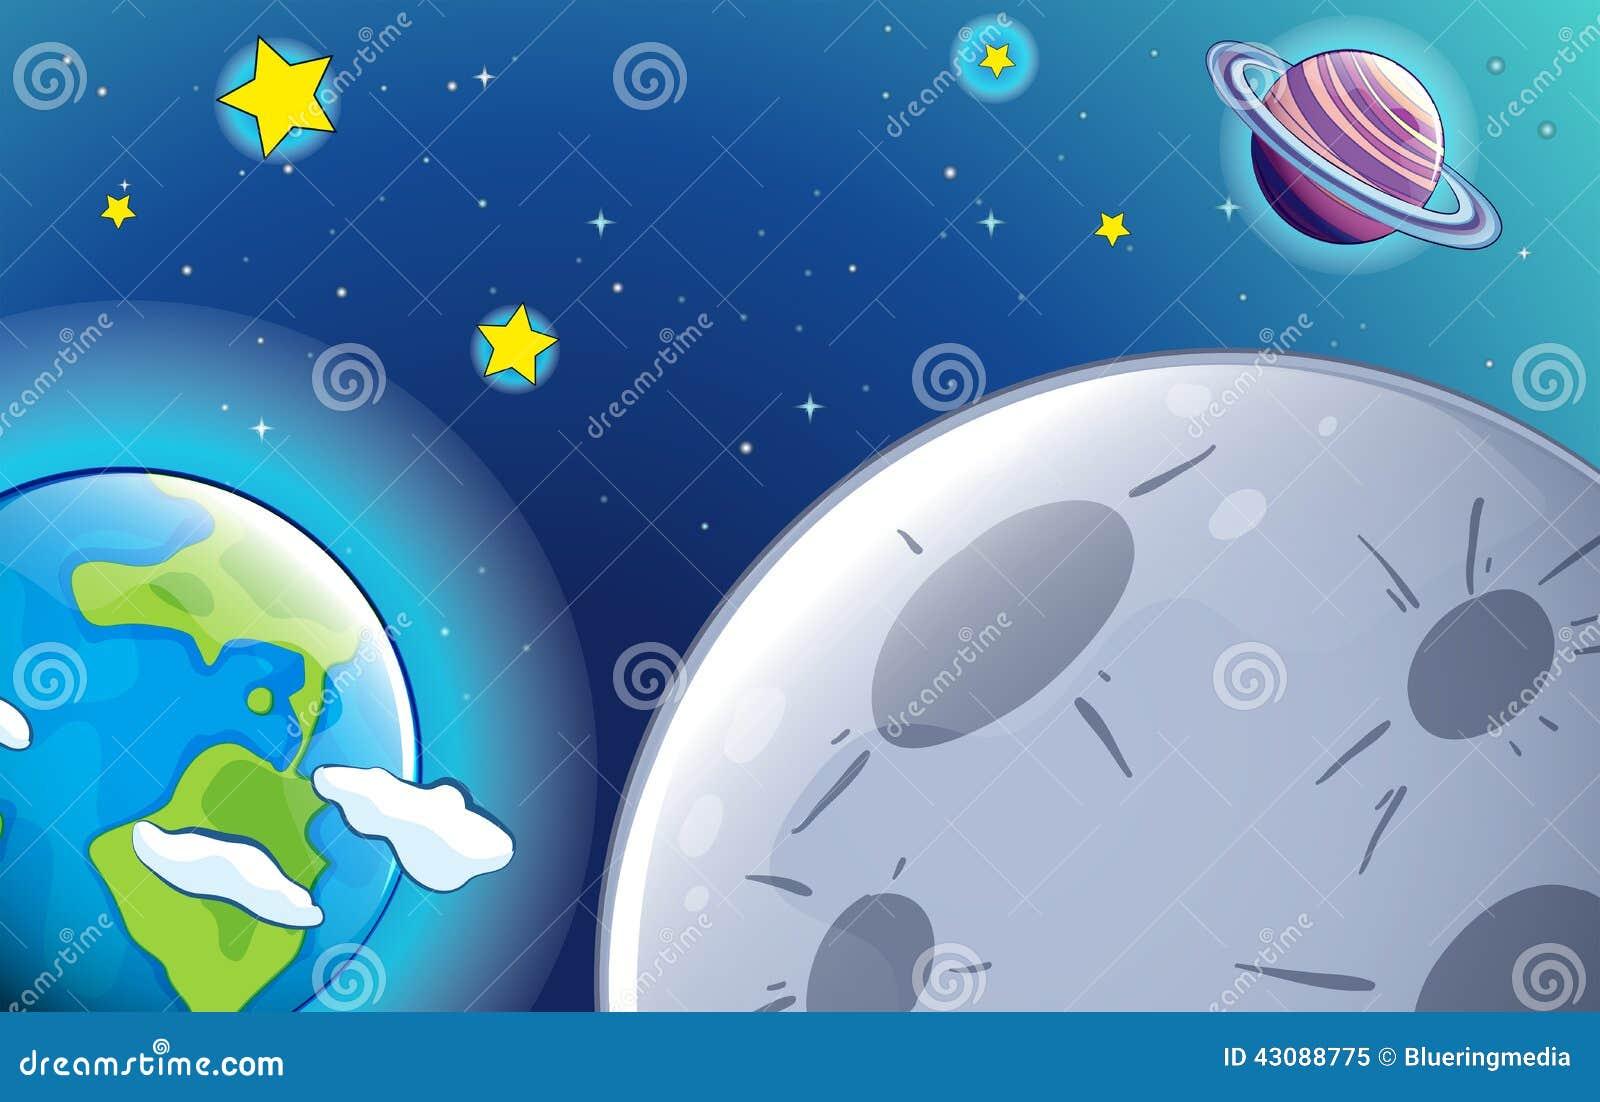 Planeten en starss in de hemel